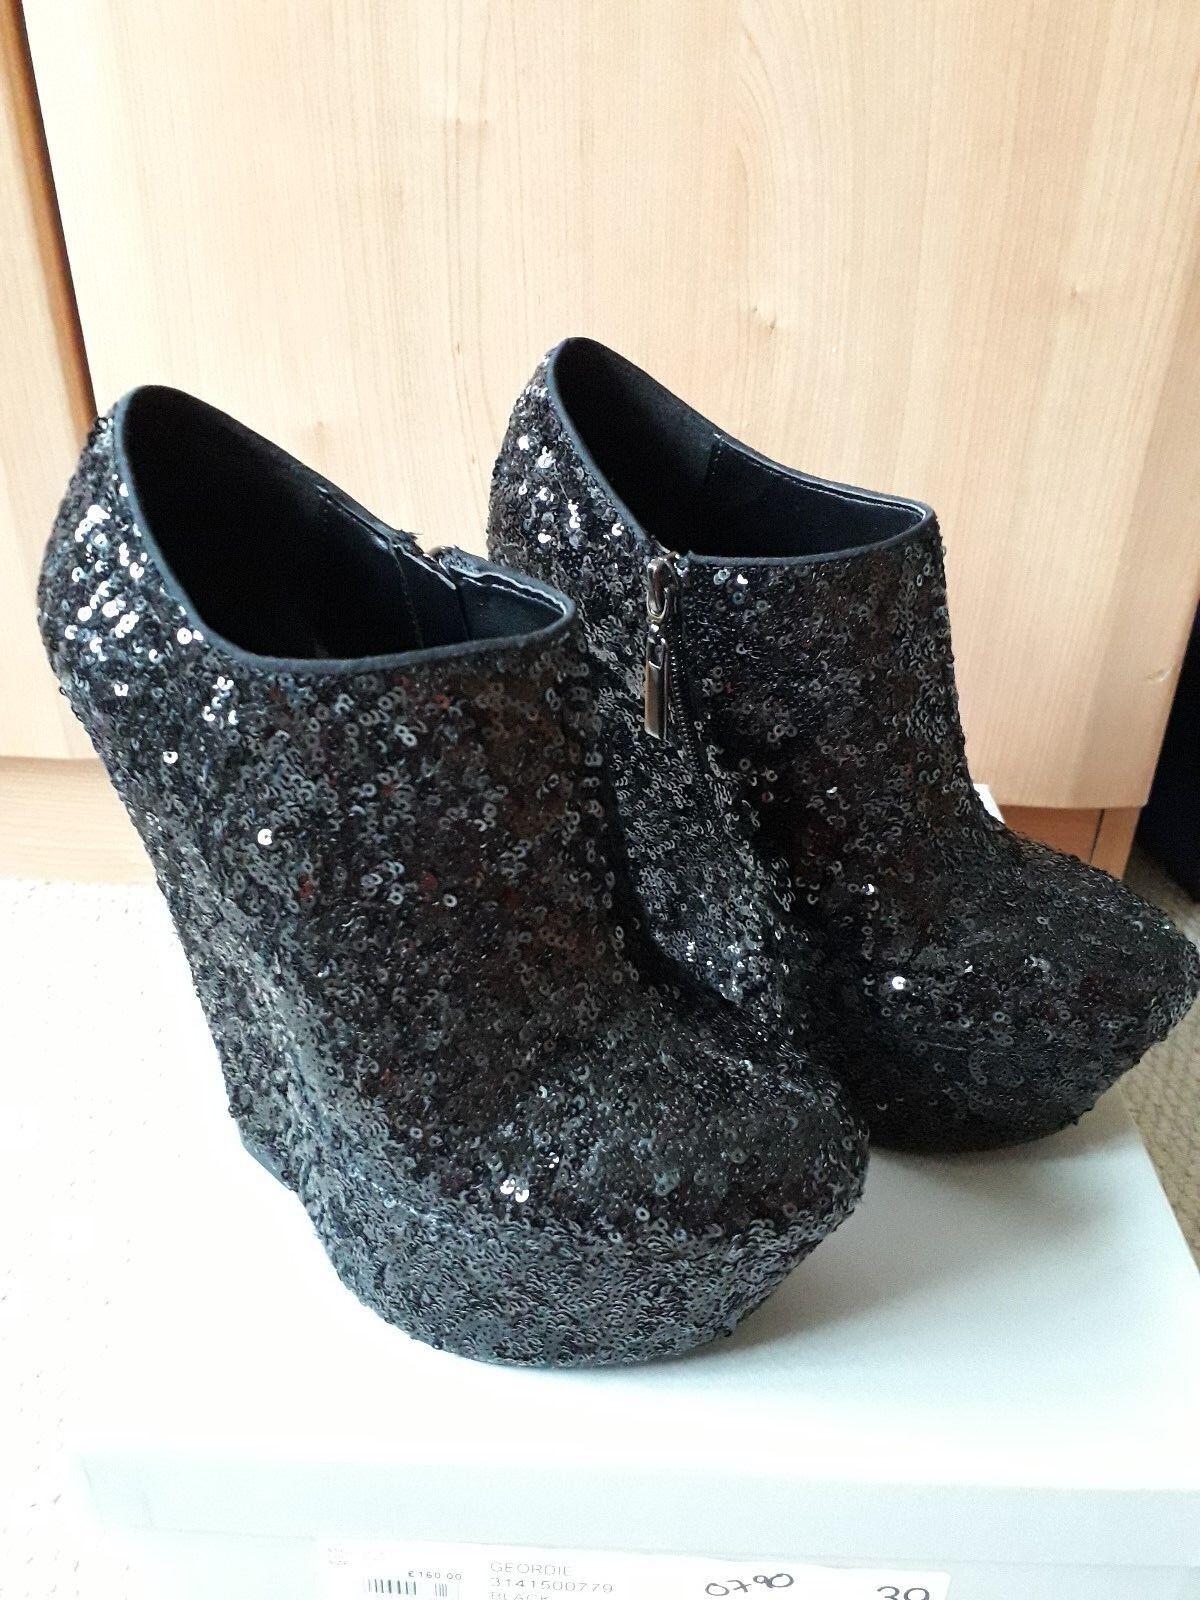 Carvela Black Sequin shoes Boots - Size 6 - Excellent Condition